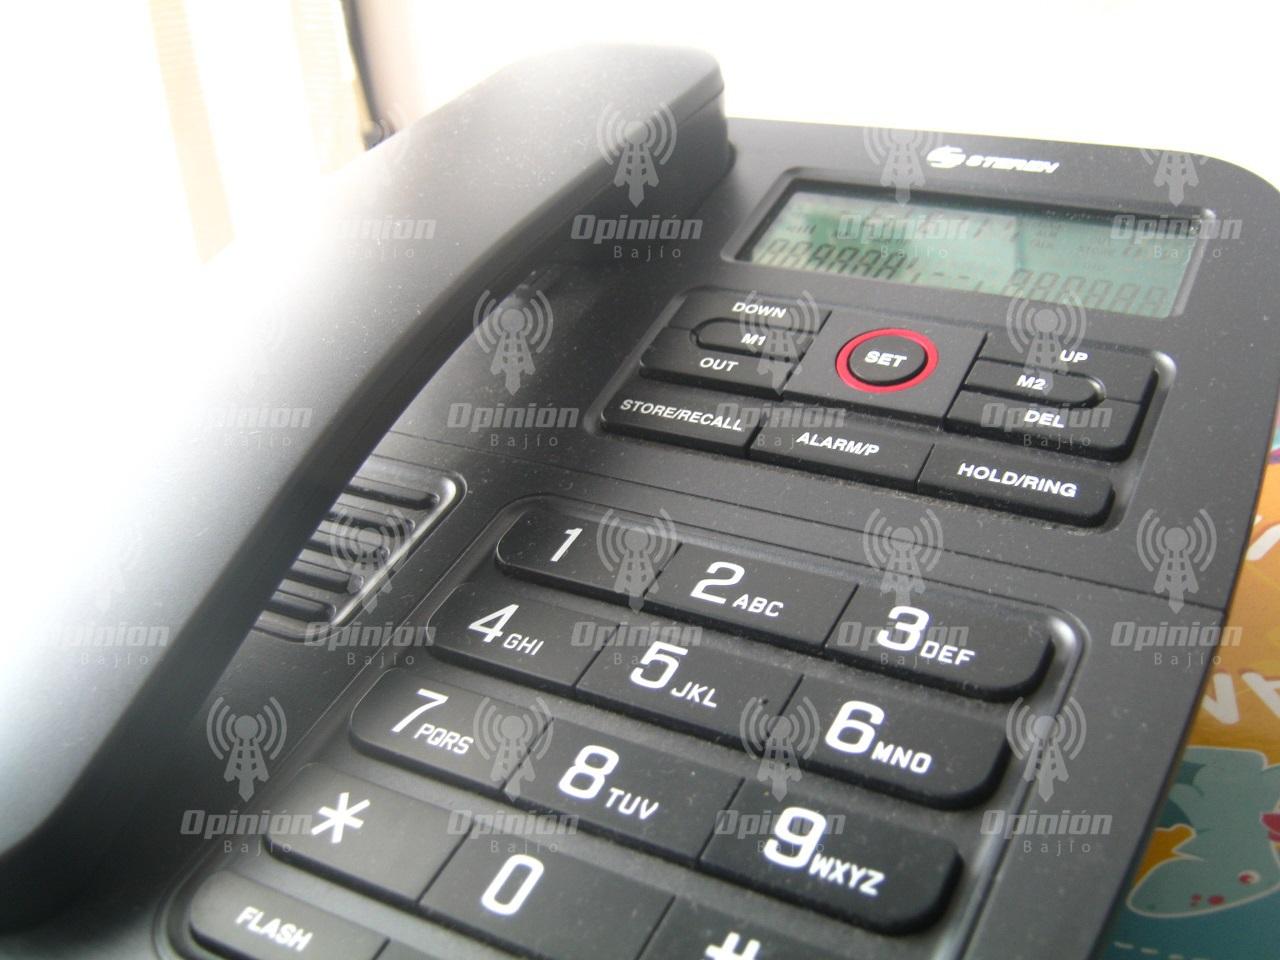 Aprueba Congreso de Guanajuato arrestos contra quienes hagan llamadas falsas o de broma al 911